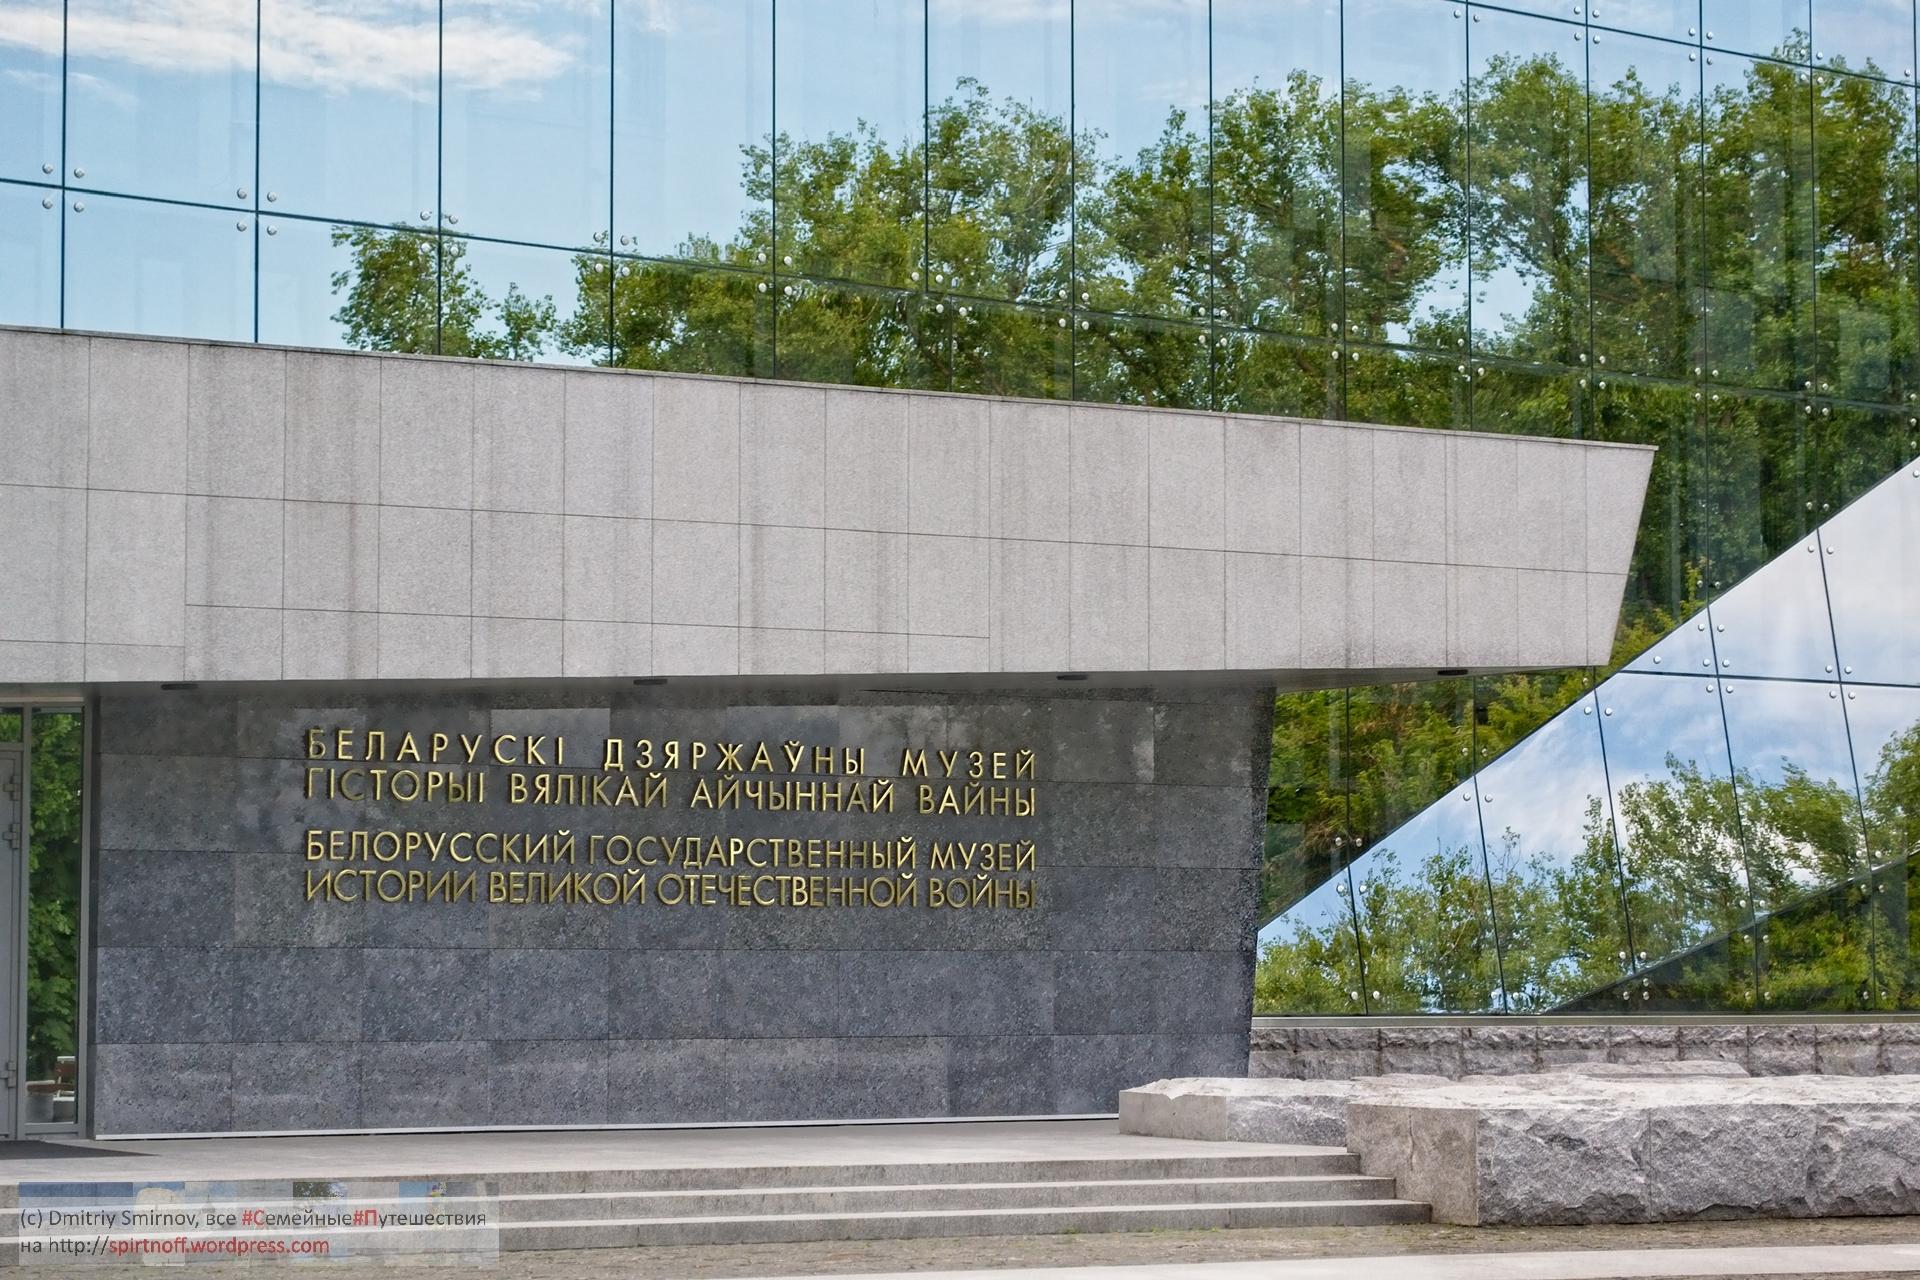 DSC_7083-78-Blog-34 Путешествия  Минск. Музей Великой Отечественной Войны и Парк Победы